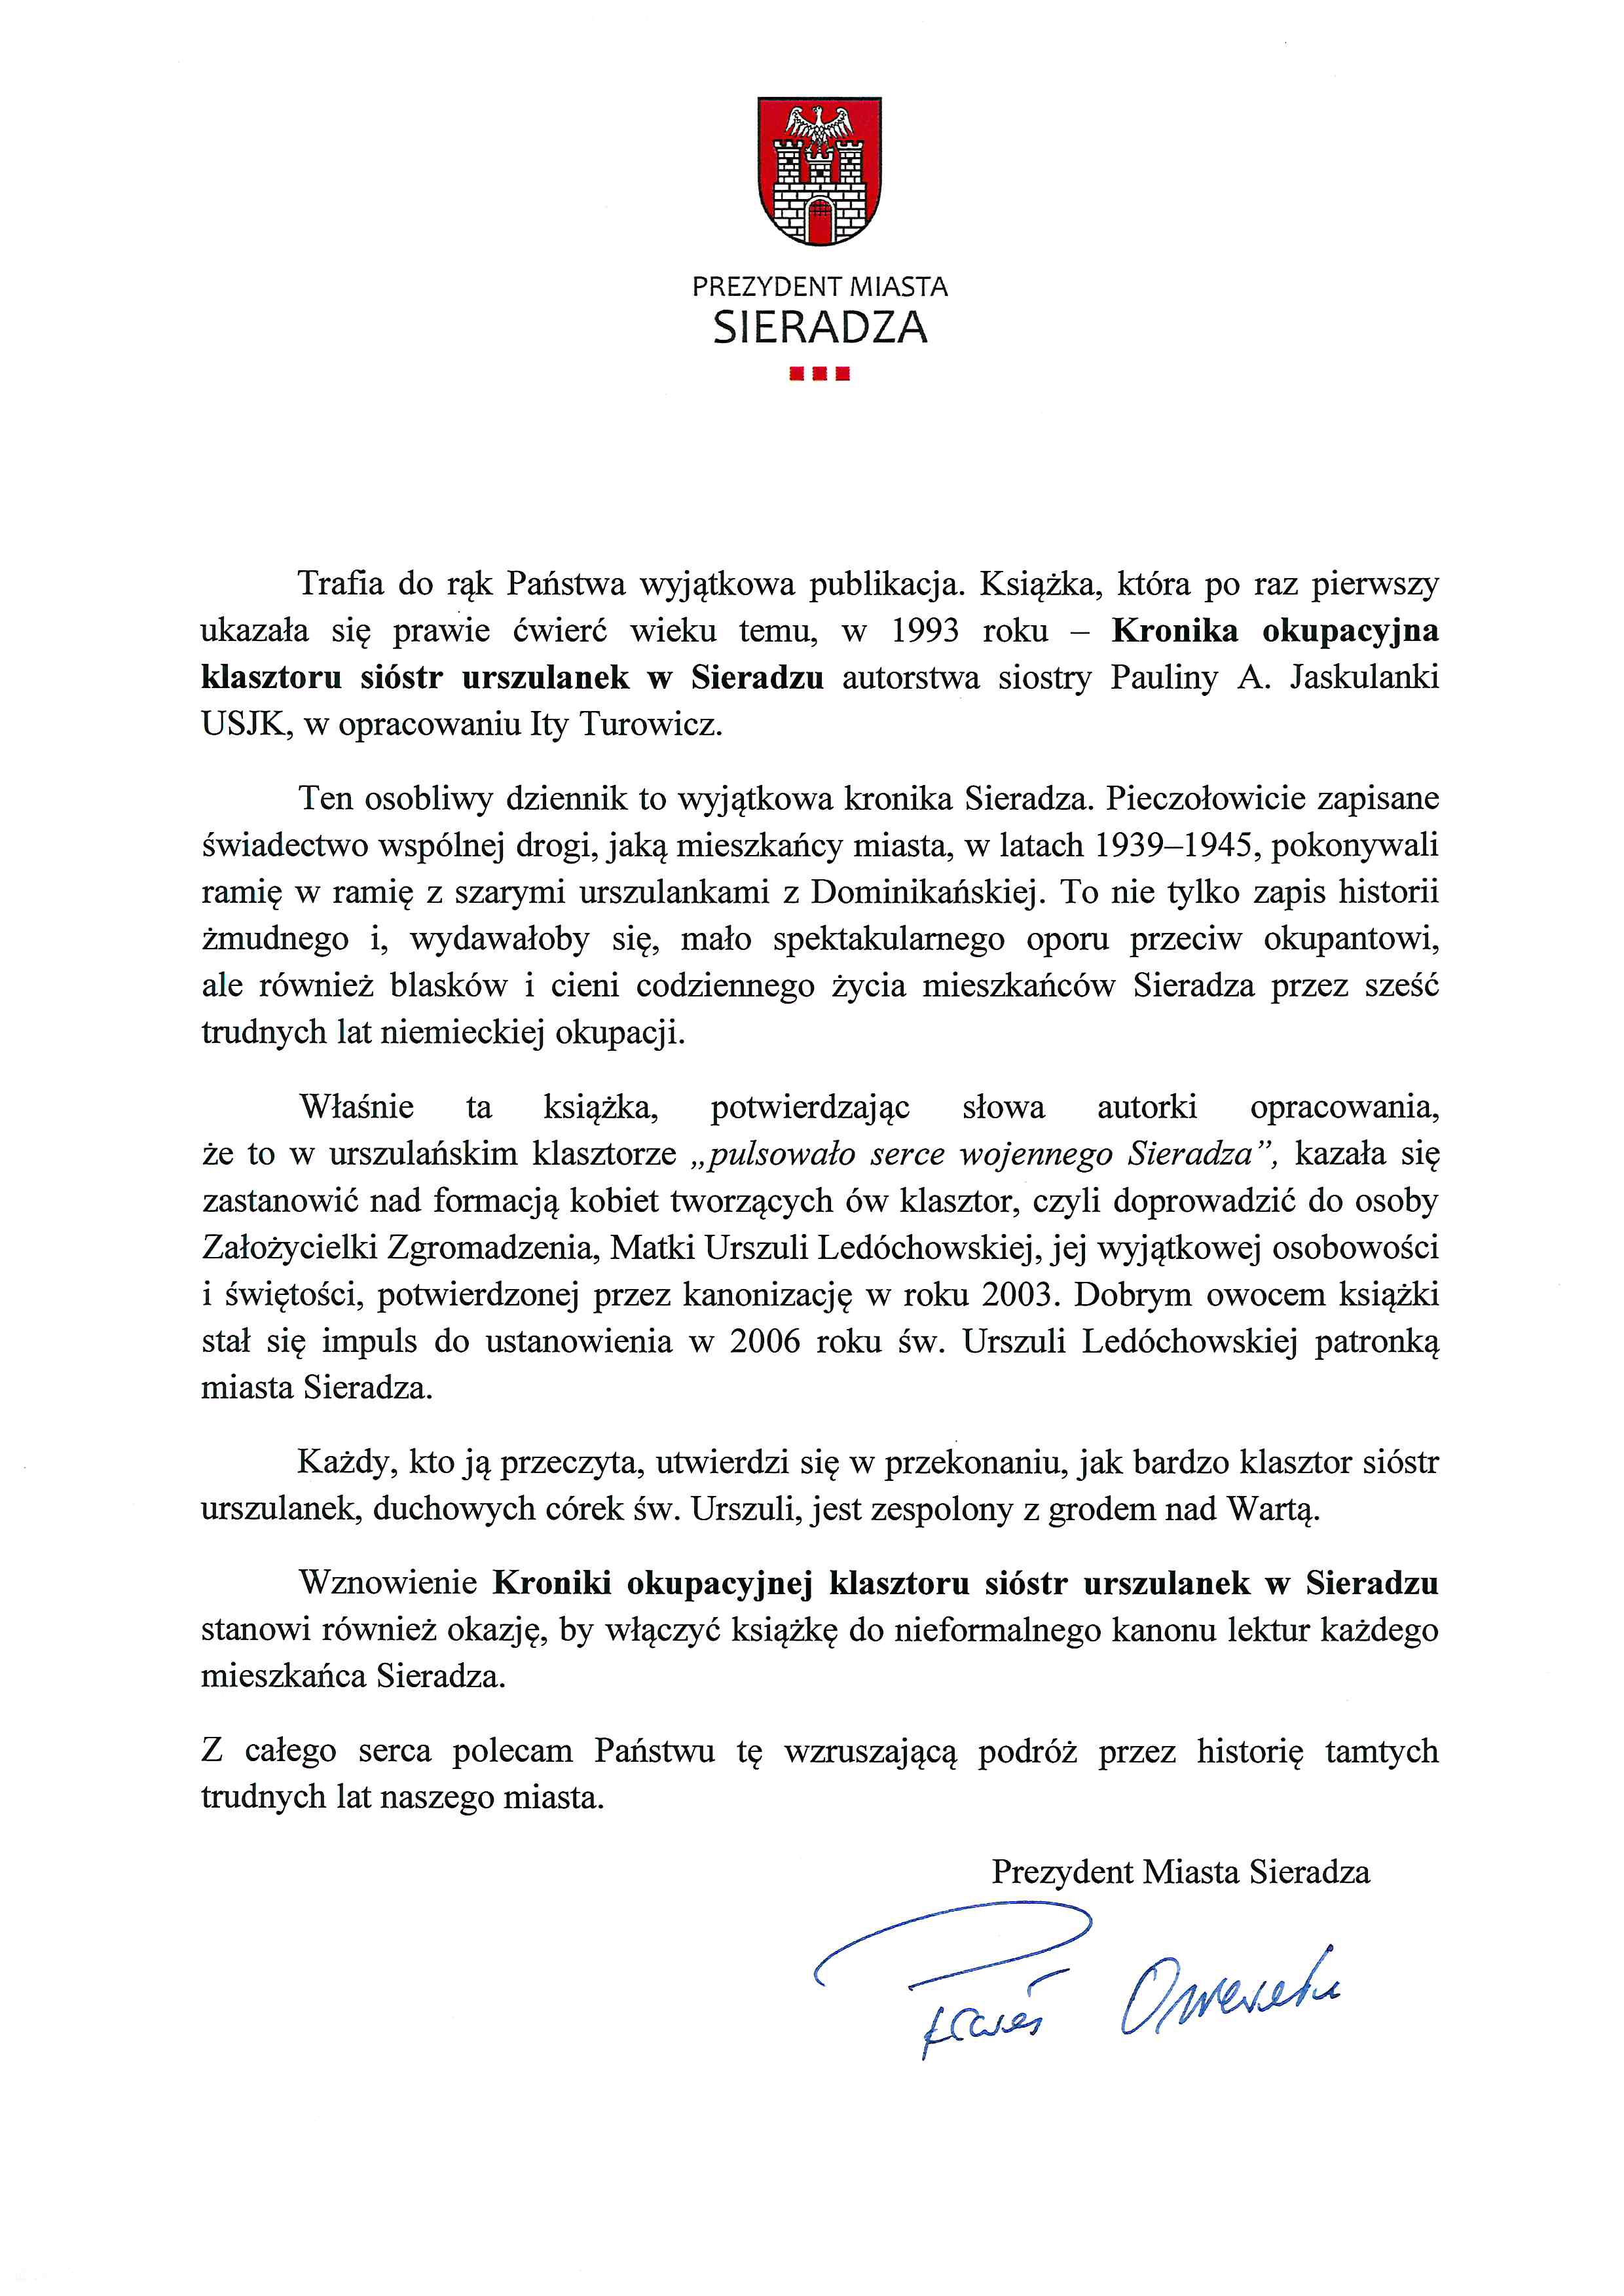 Strona Klasztoru Sióstr Urszulanek Sjk W Sieradzu